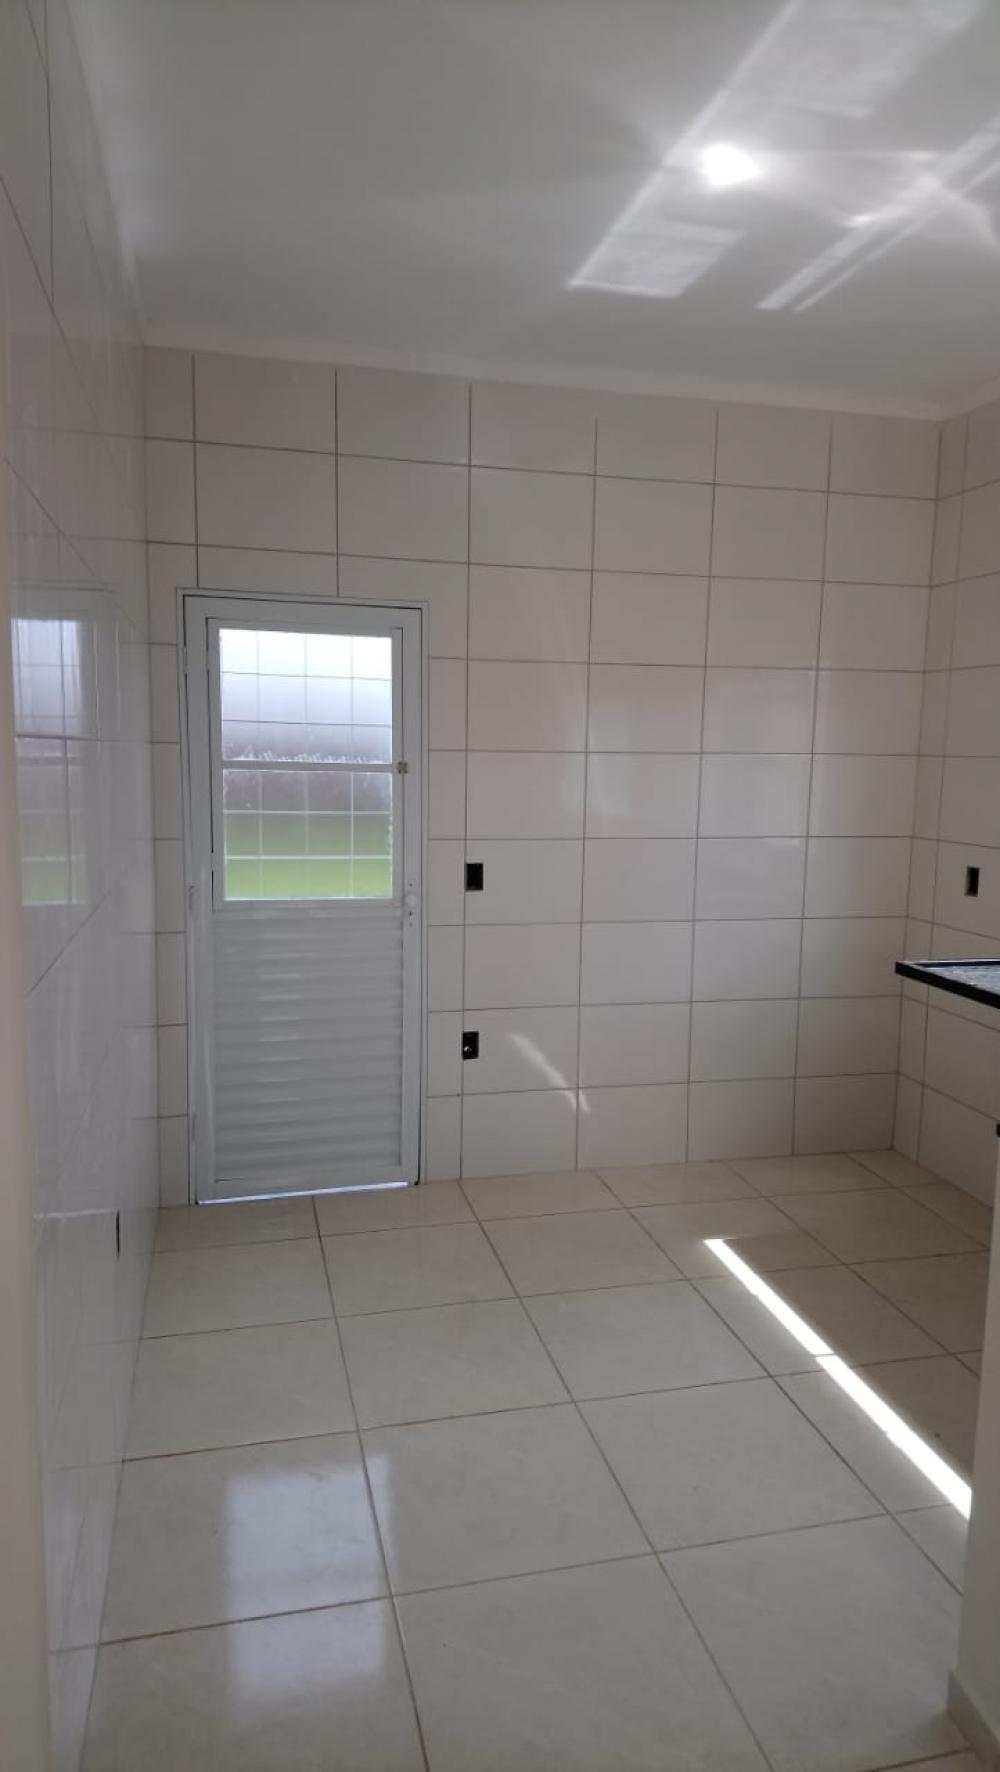 Alugar Casa / Padrão em São José do Rio Preto R$ 600,00 - Foto 16